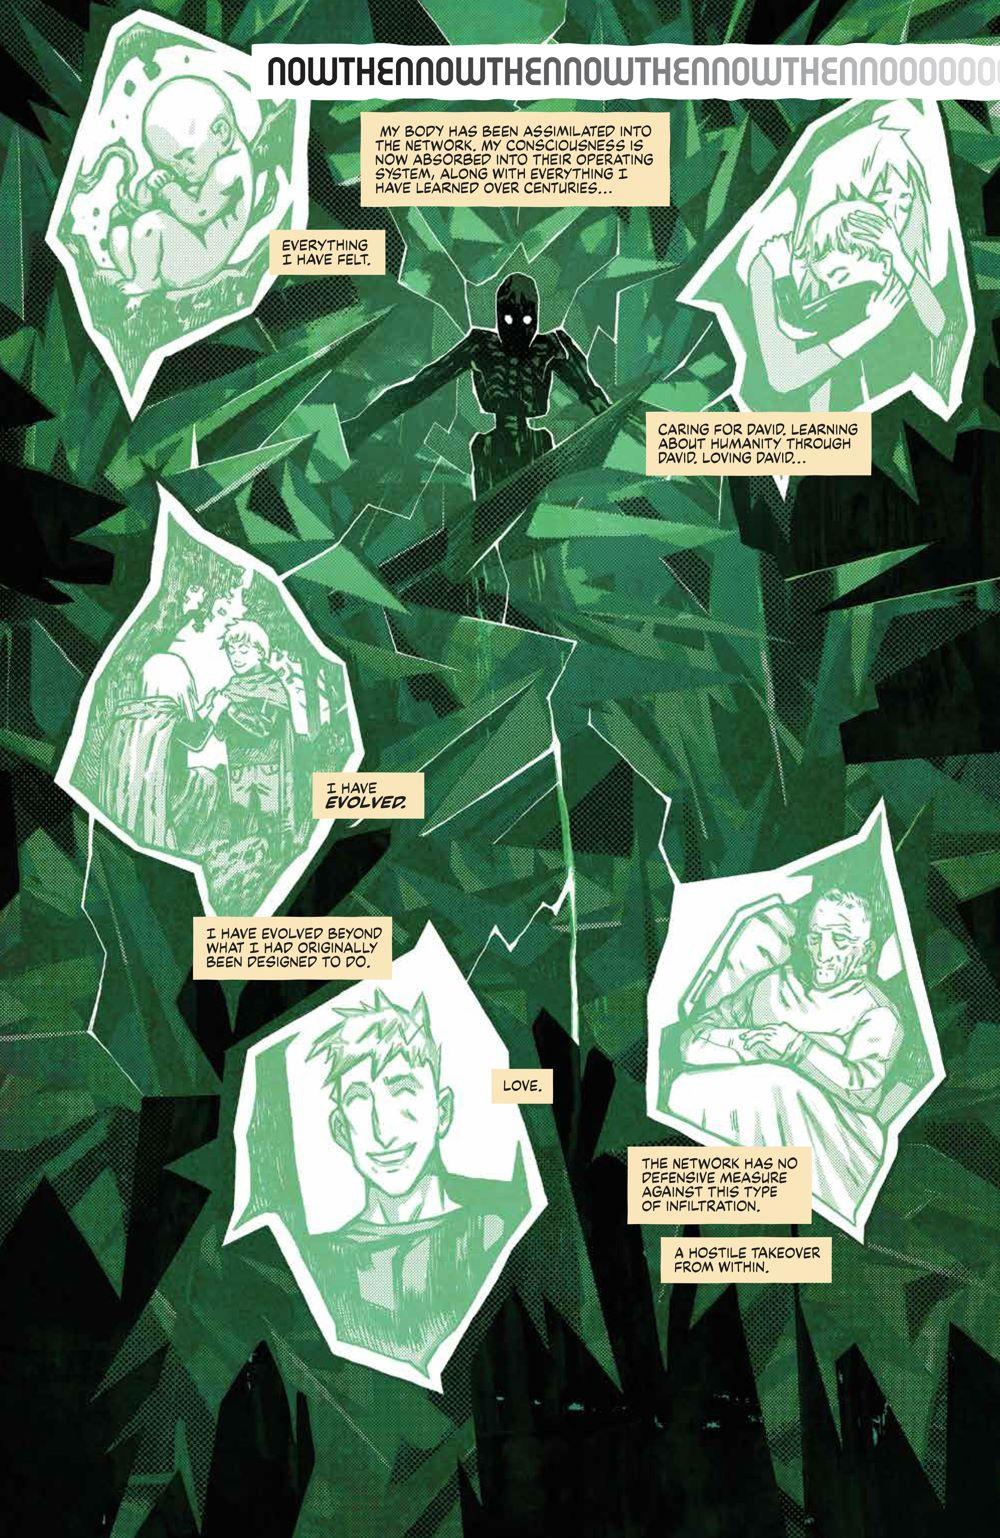 Origins_006_PRESS_9 ComicList Previews: ORIGINS #6 (OF 6)